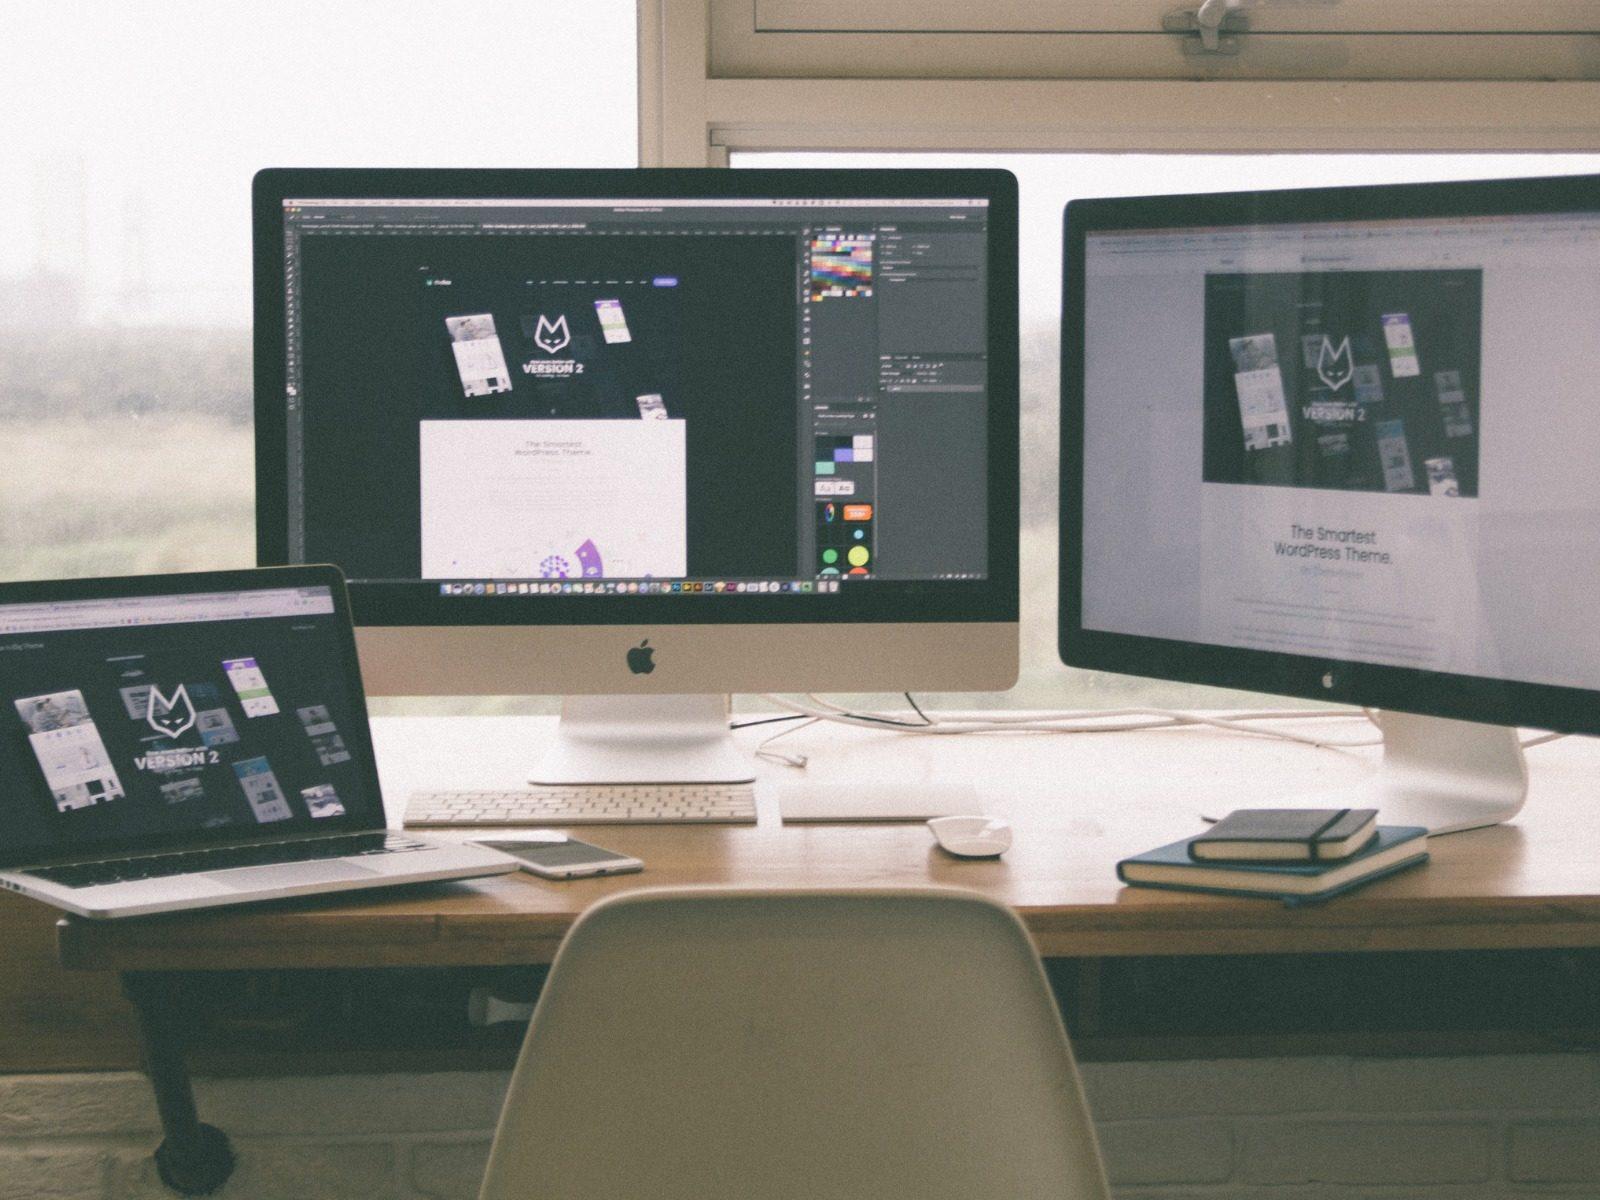 各デバイスでインターネットをするデスクイメージ